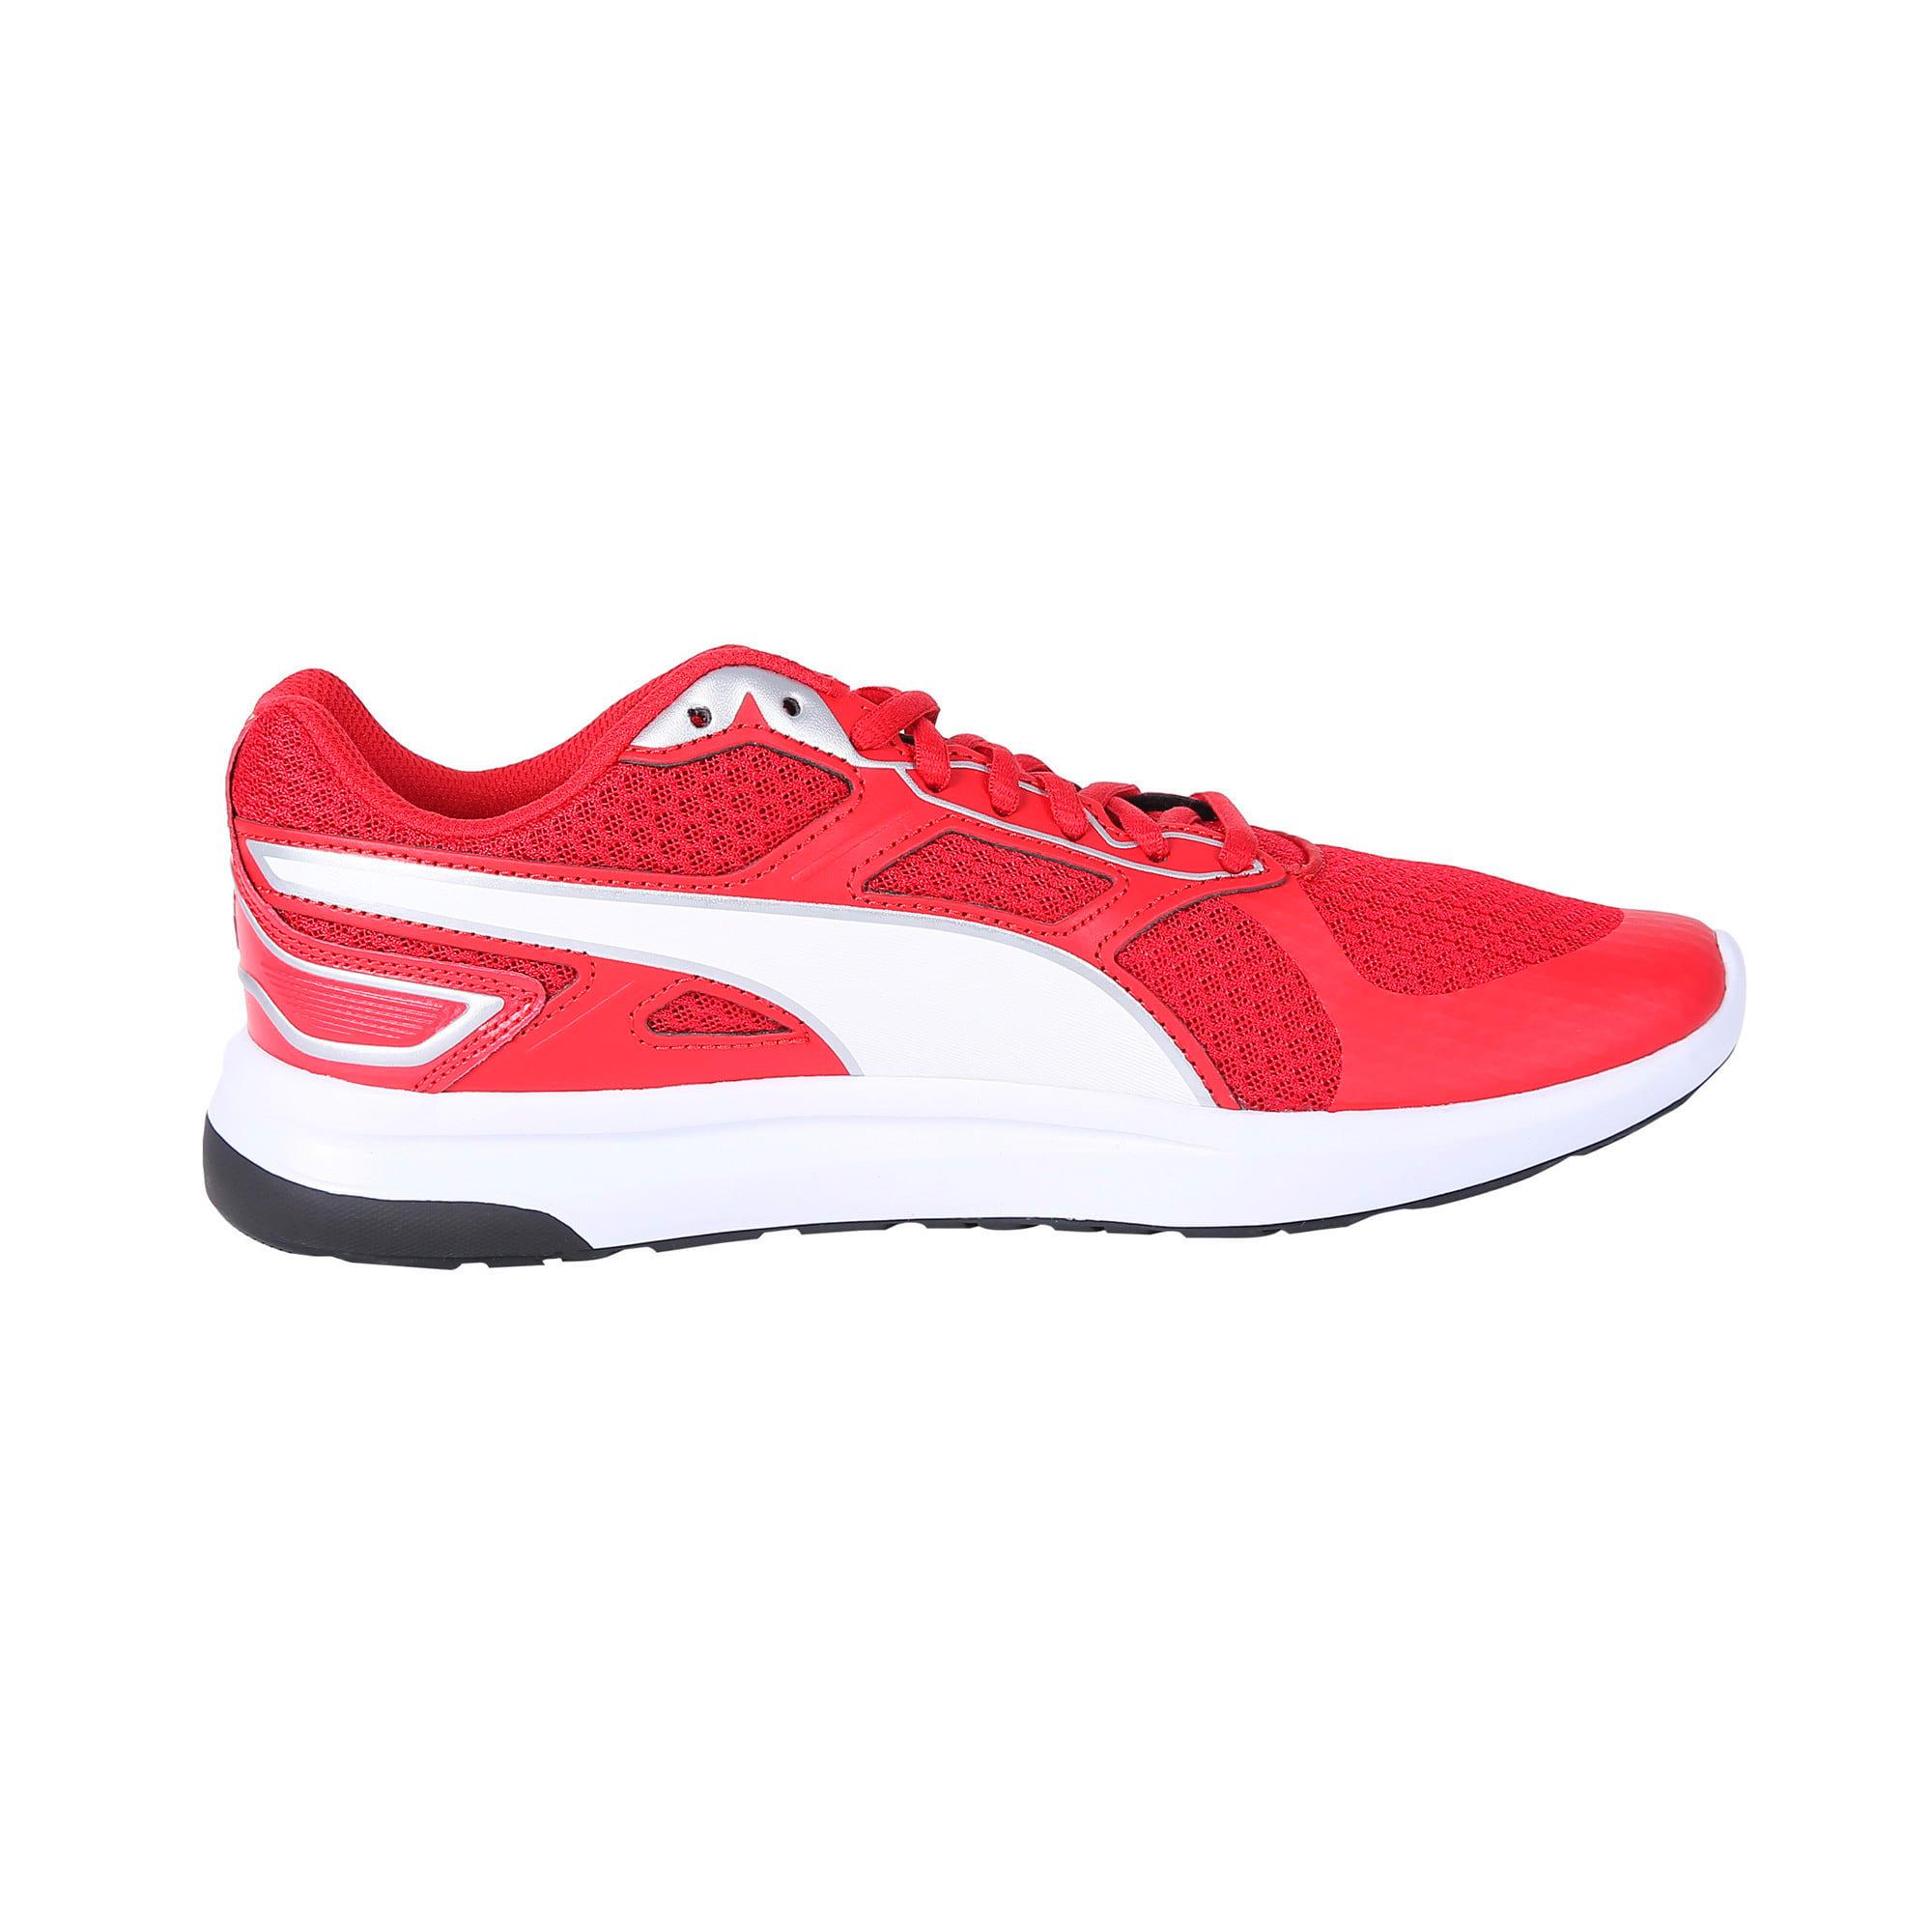 Thumbnail 5 of Escaper Tech Sneakers, Ribbon Red-Puma Wh-Puma Blk, medium-IND